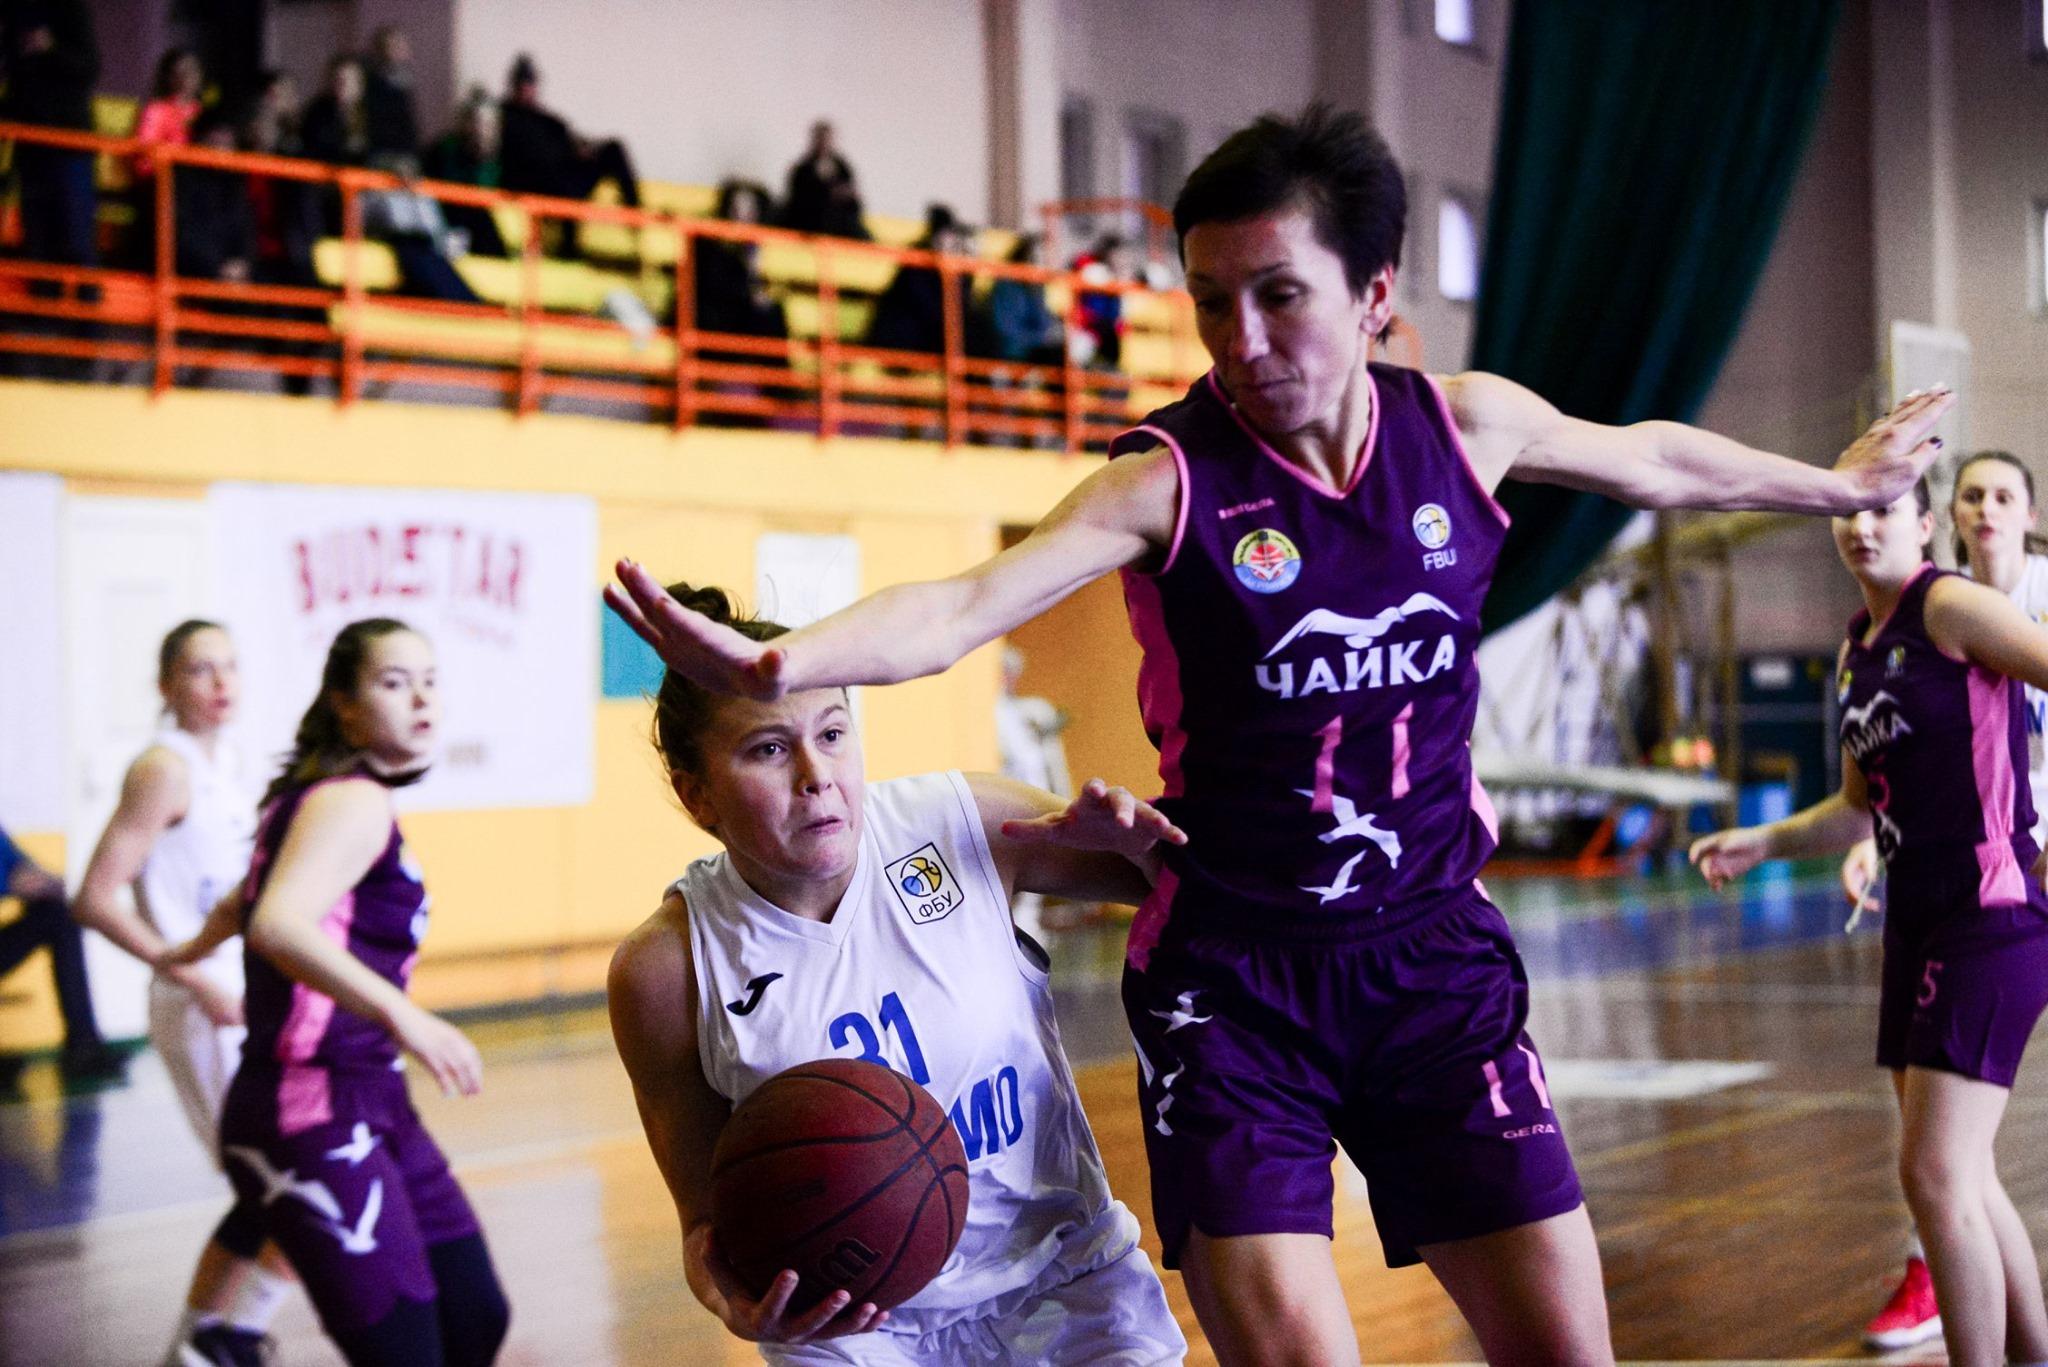 Кубок України (жінки): володар трофею склав повноваження